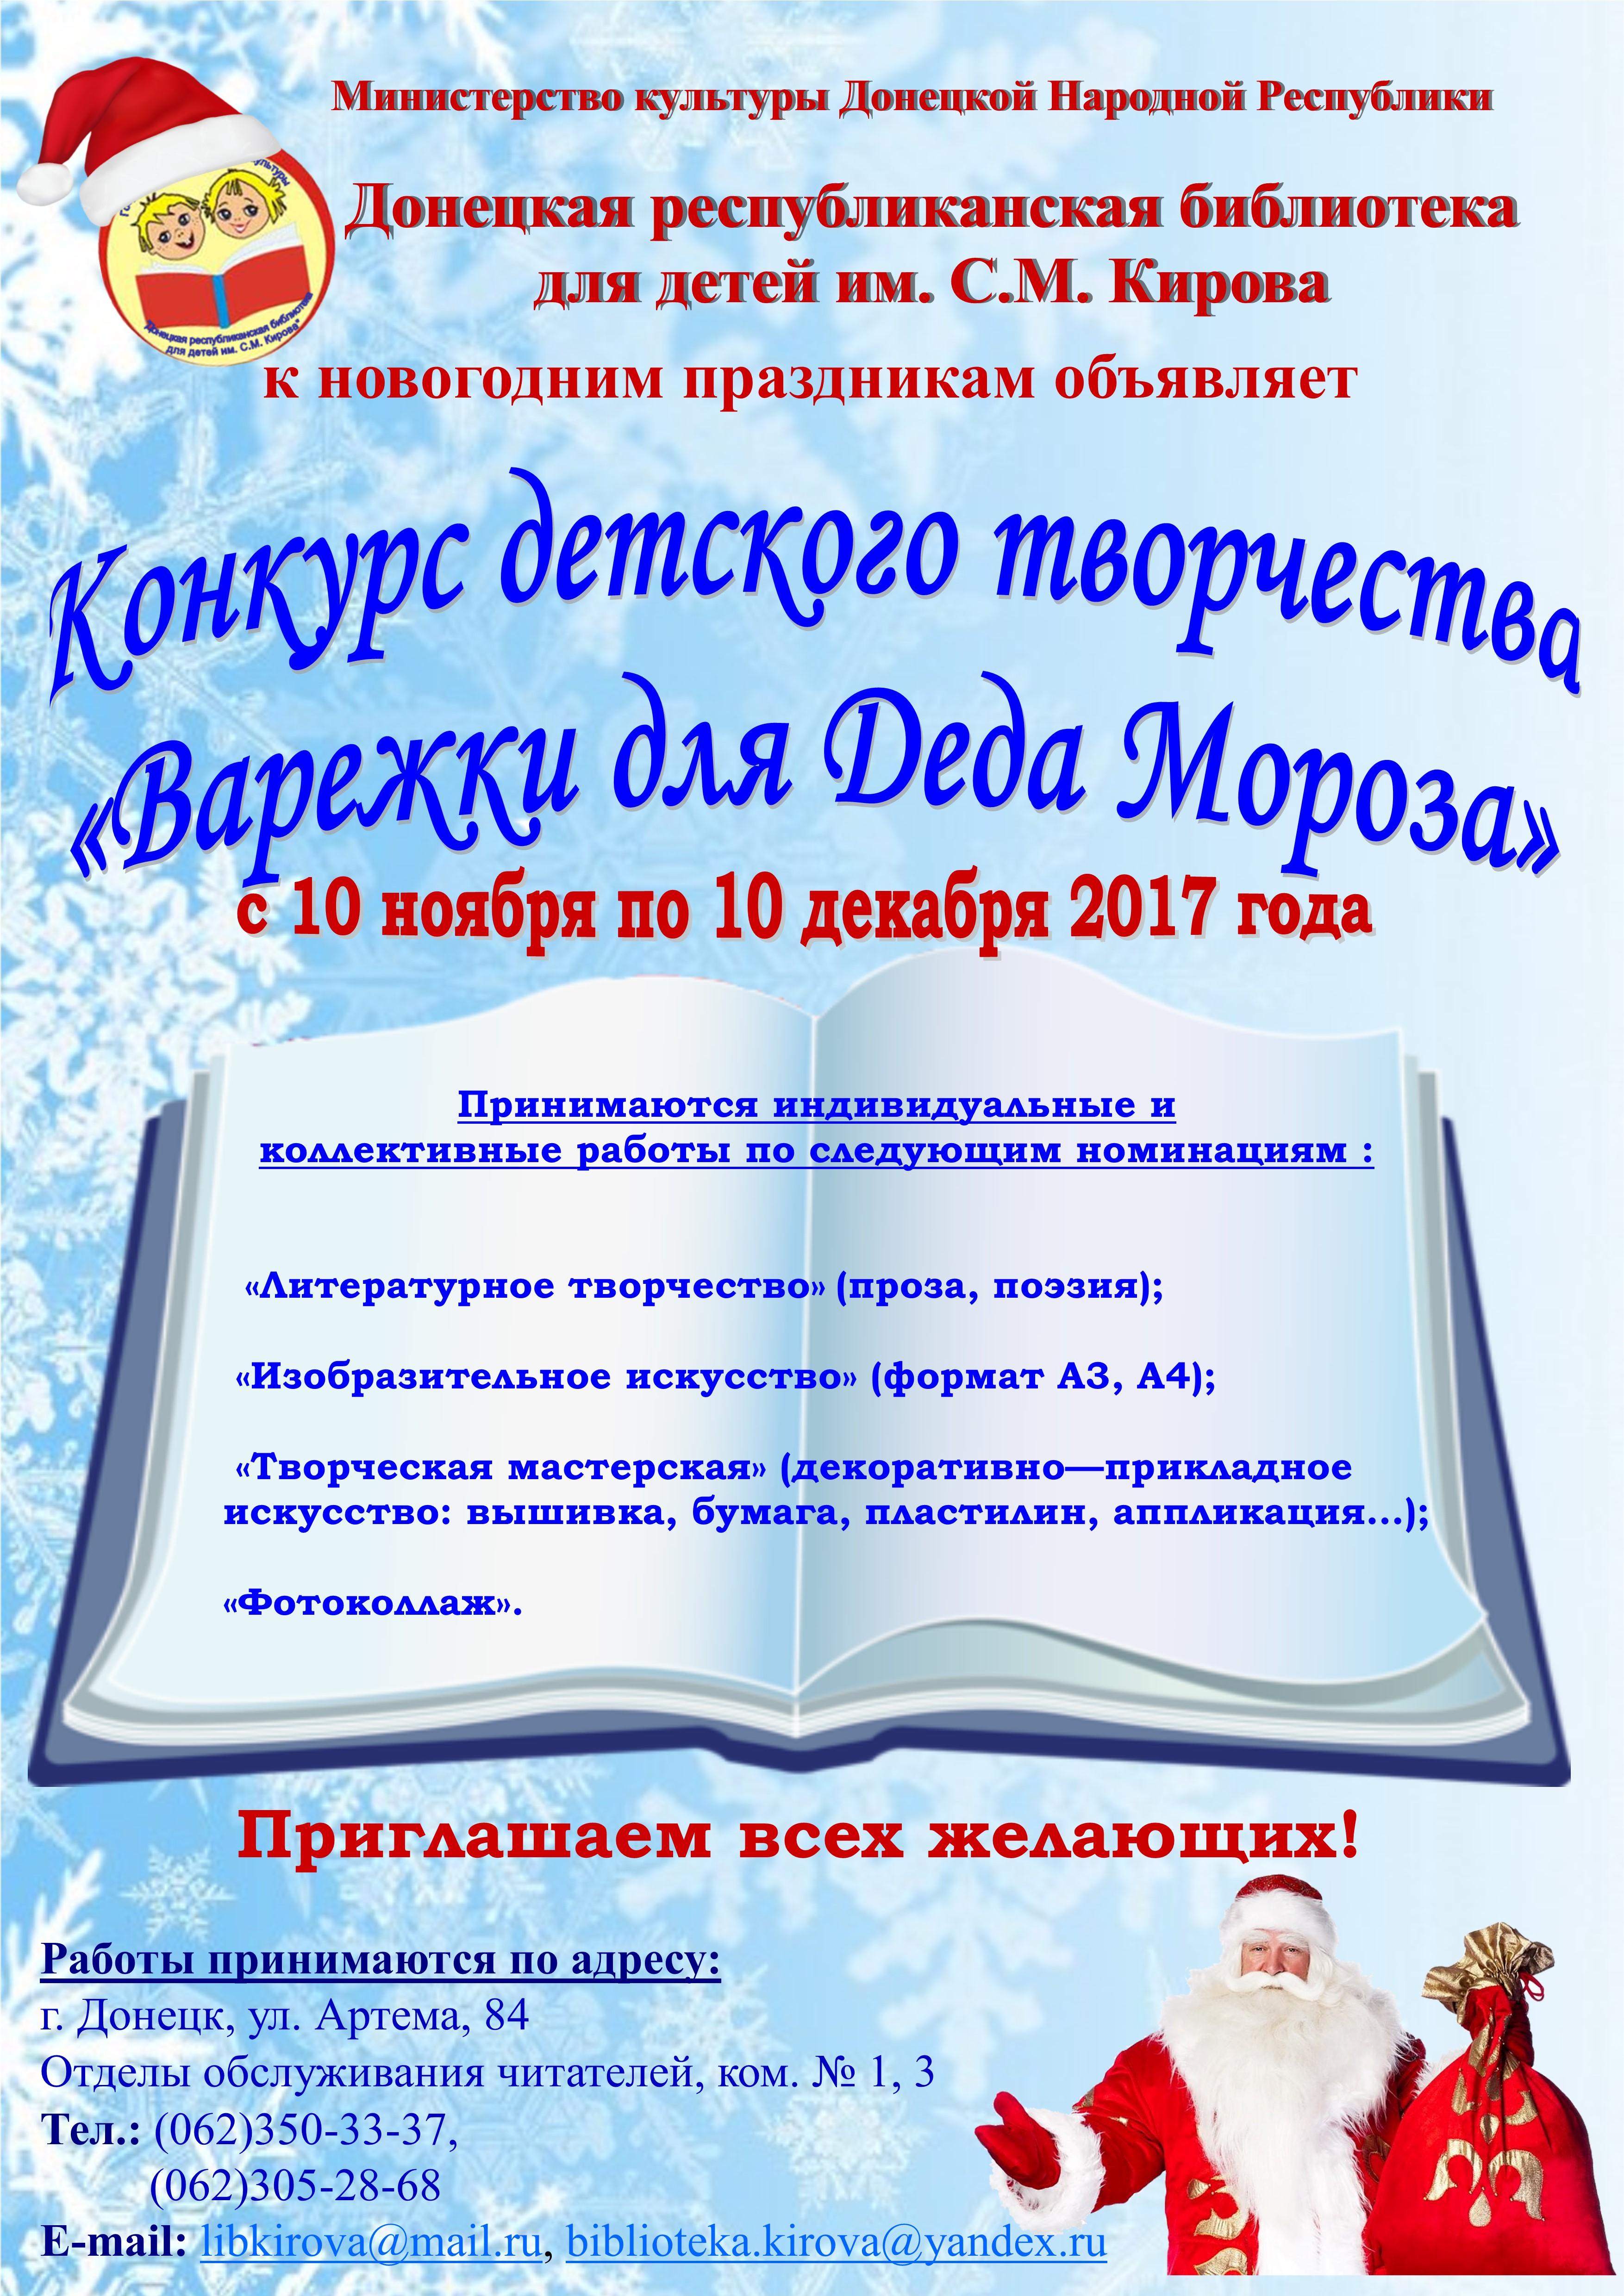 новый конкурс, варежка деда мороза, донецкая республиканская библиотека для детей